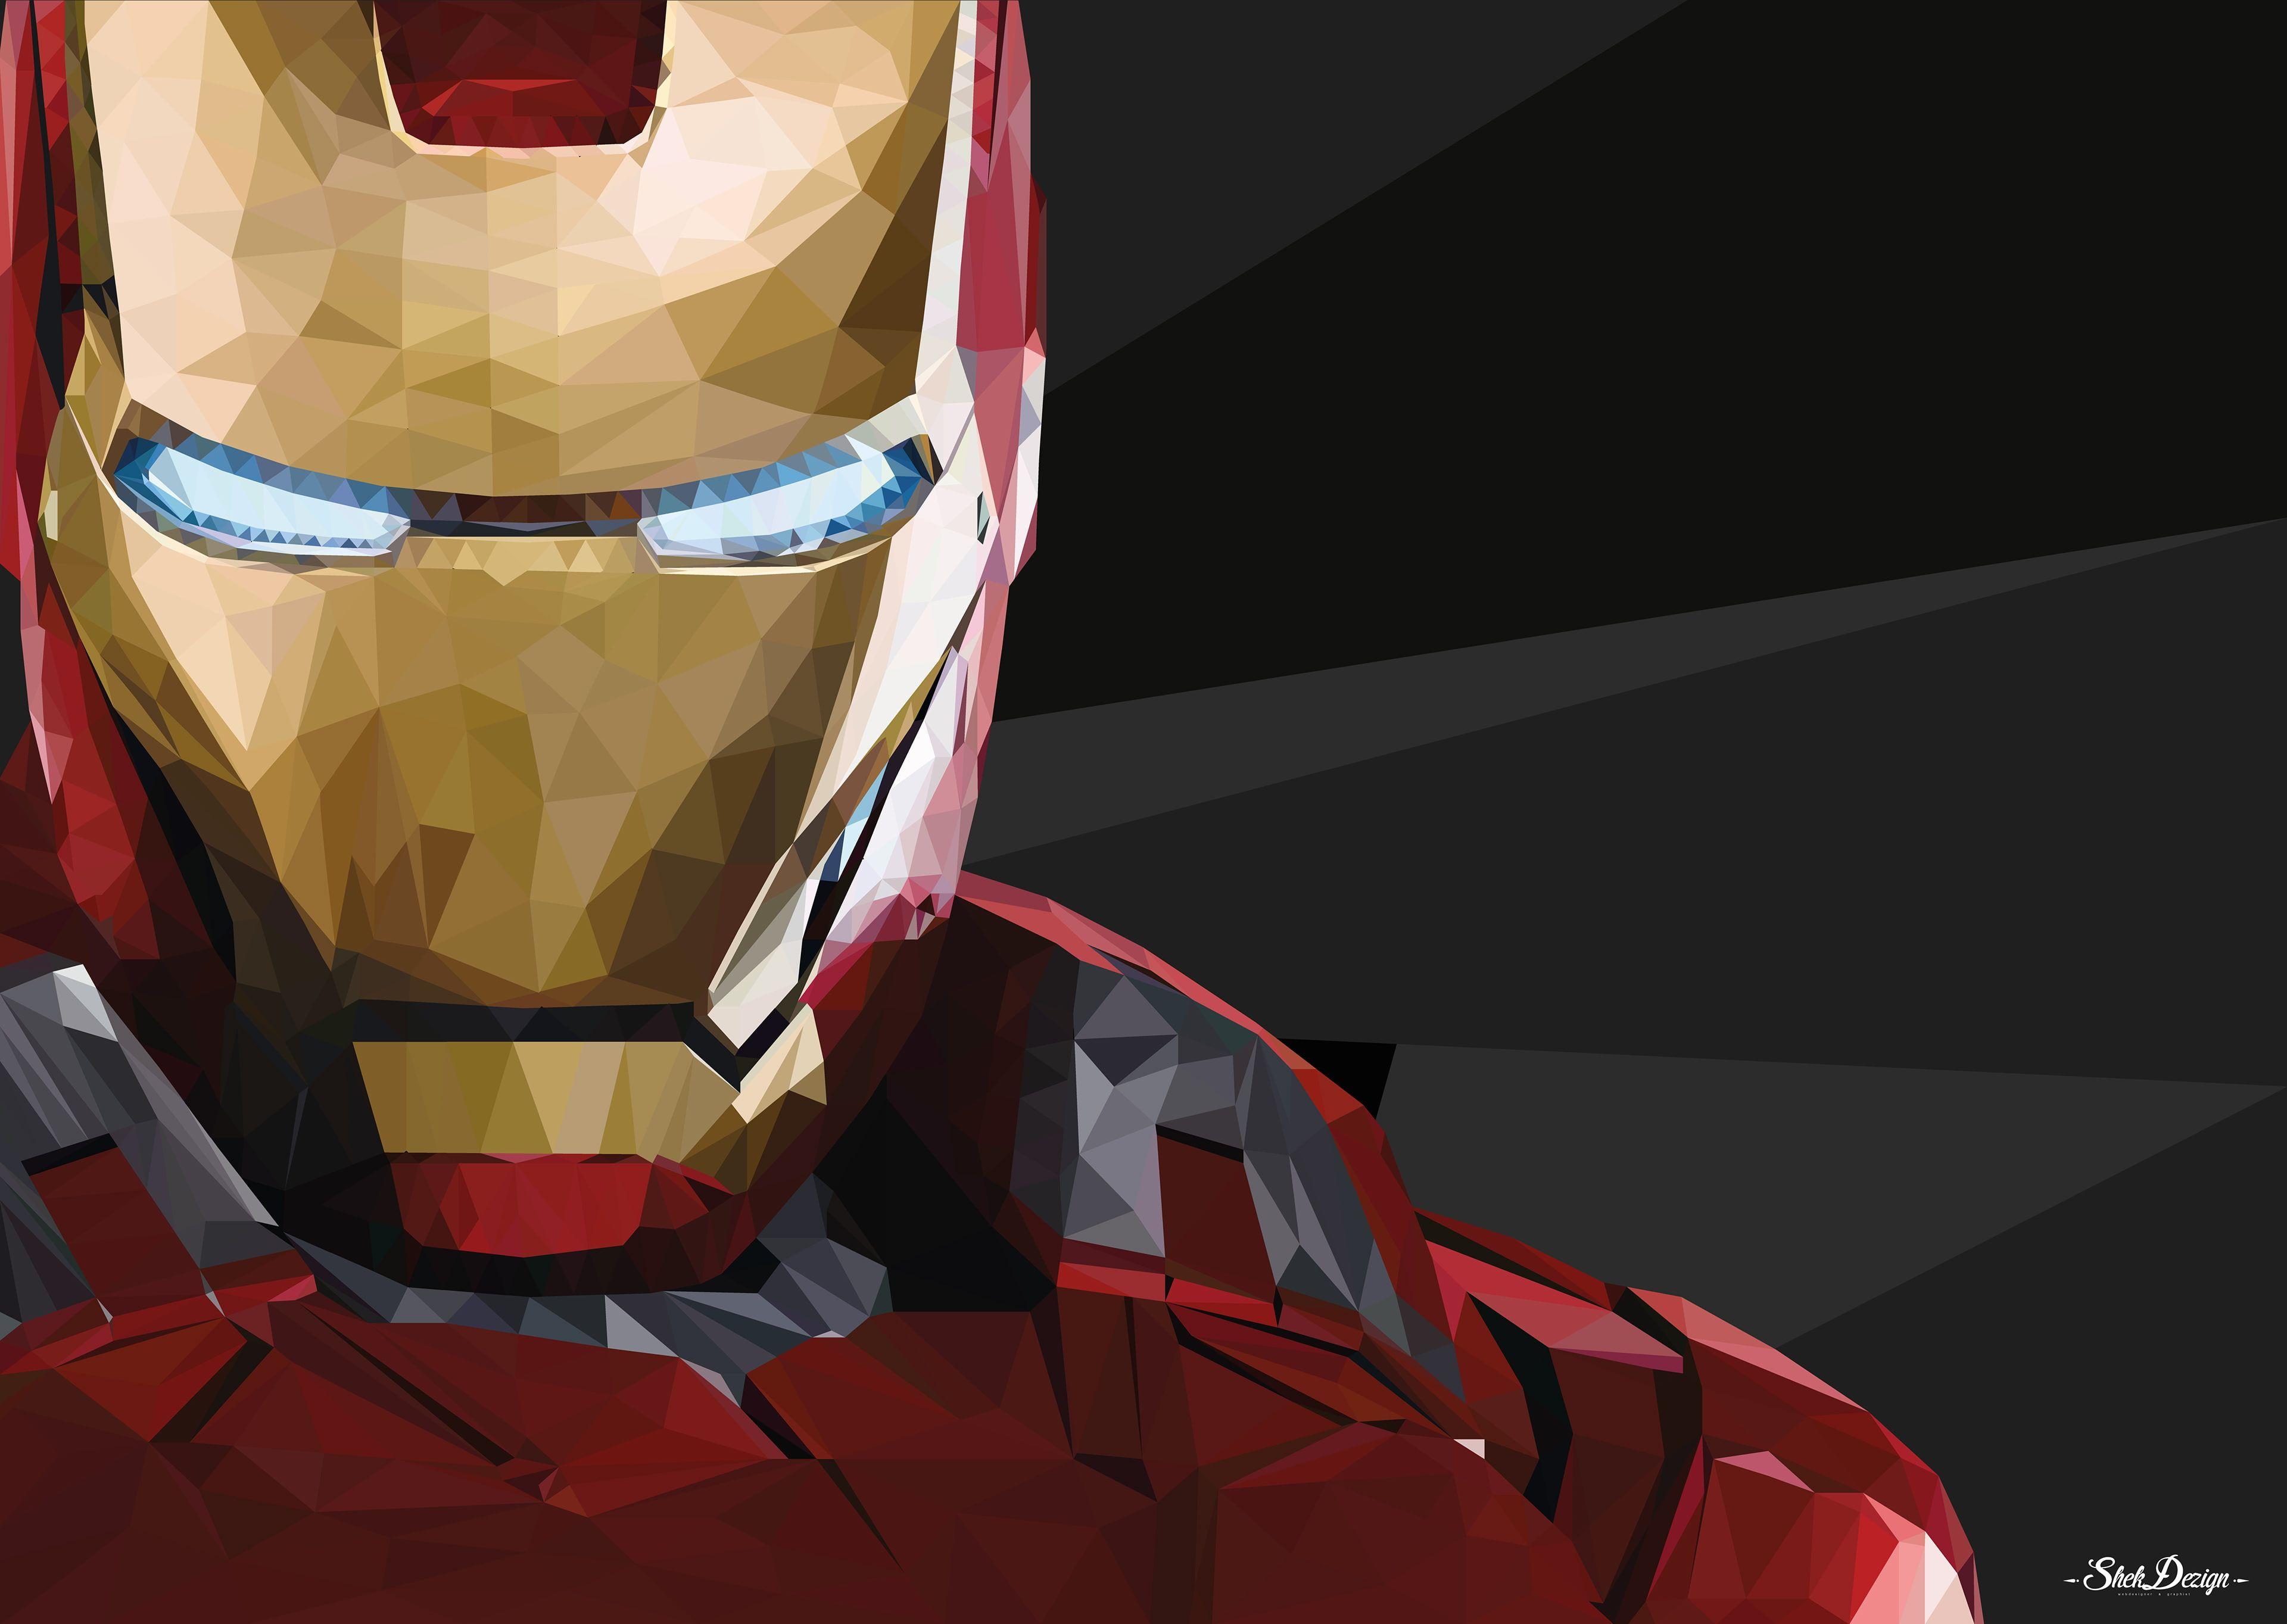 Iron Man Hd 4k Artist Behance Artwork Digital Art Superheroes 4k Wallpaper Hdwallpaper Desktop Iron Man Iron Man Wallpaper Polygon Art